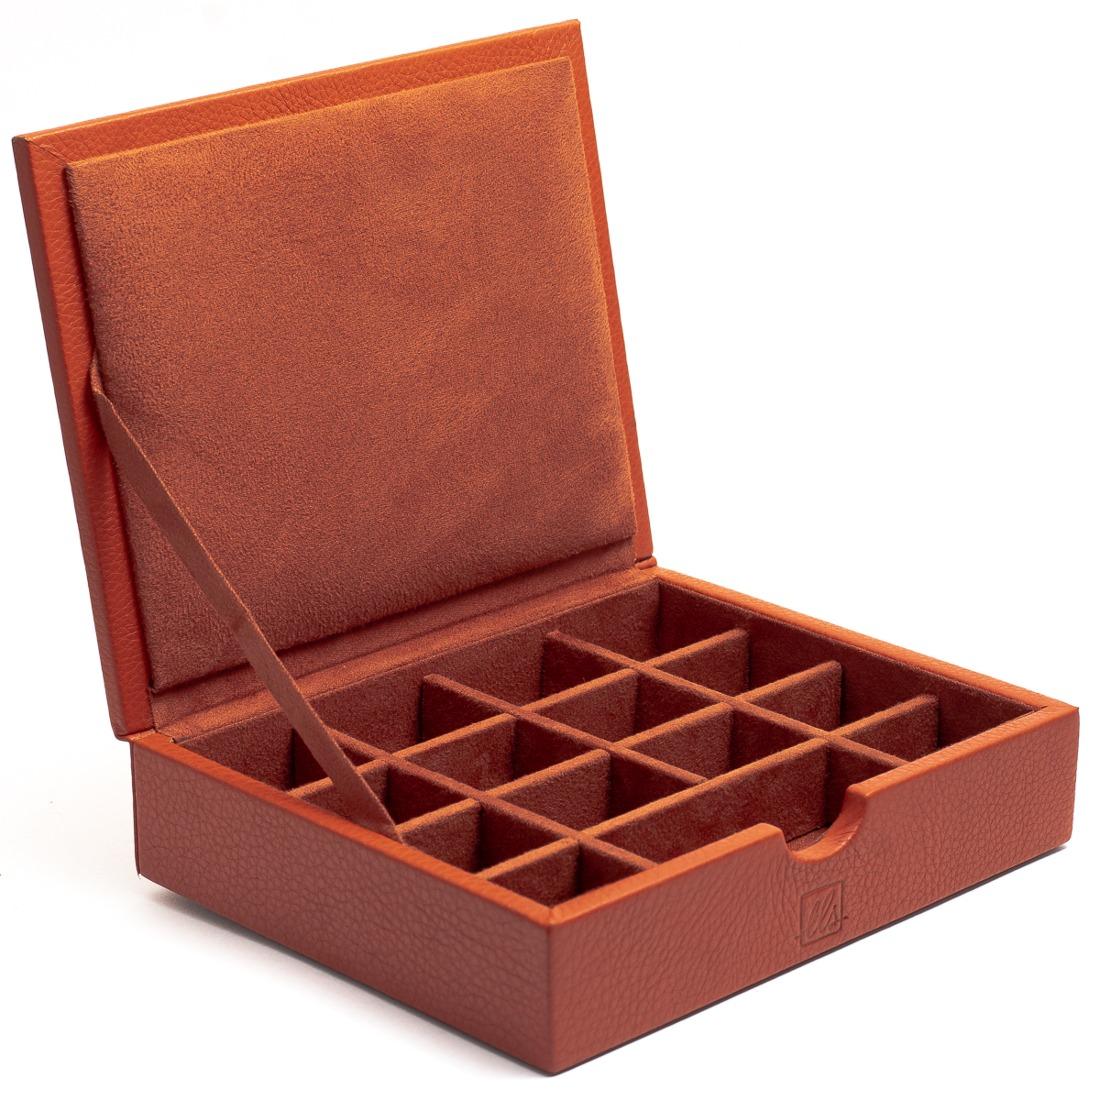 Dapper Cuff Link Box